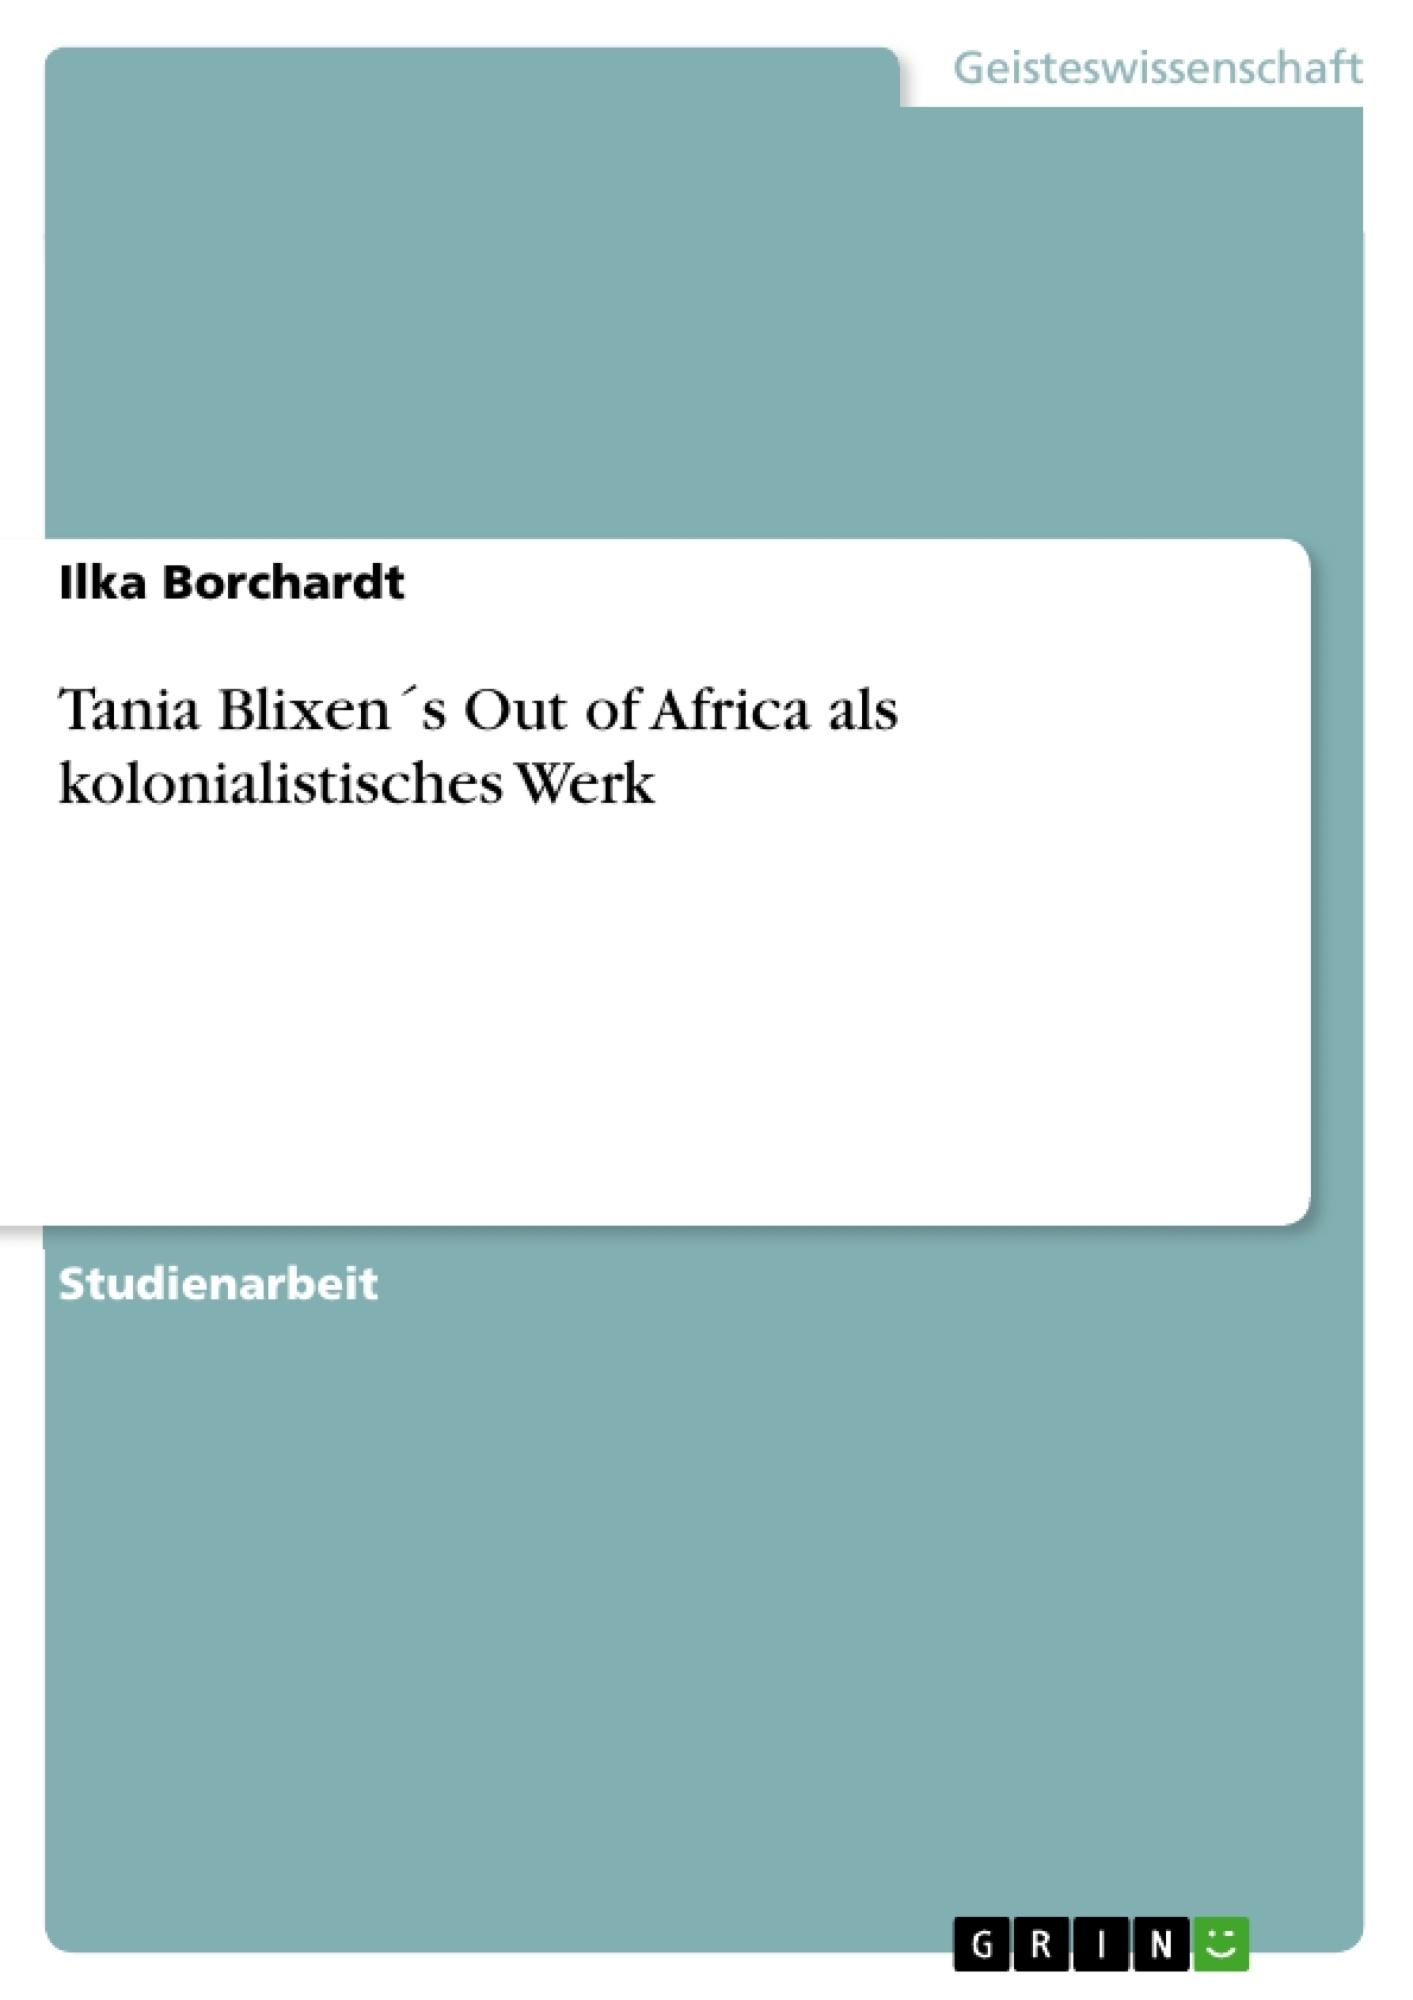 Titel: Tania Blixen´s  Out of Africa  als kolonialistisches Werk